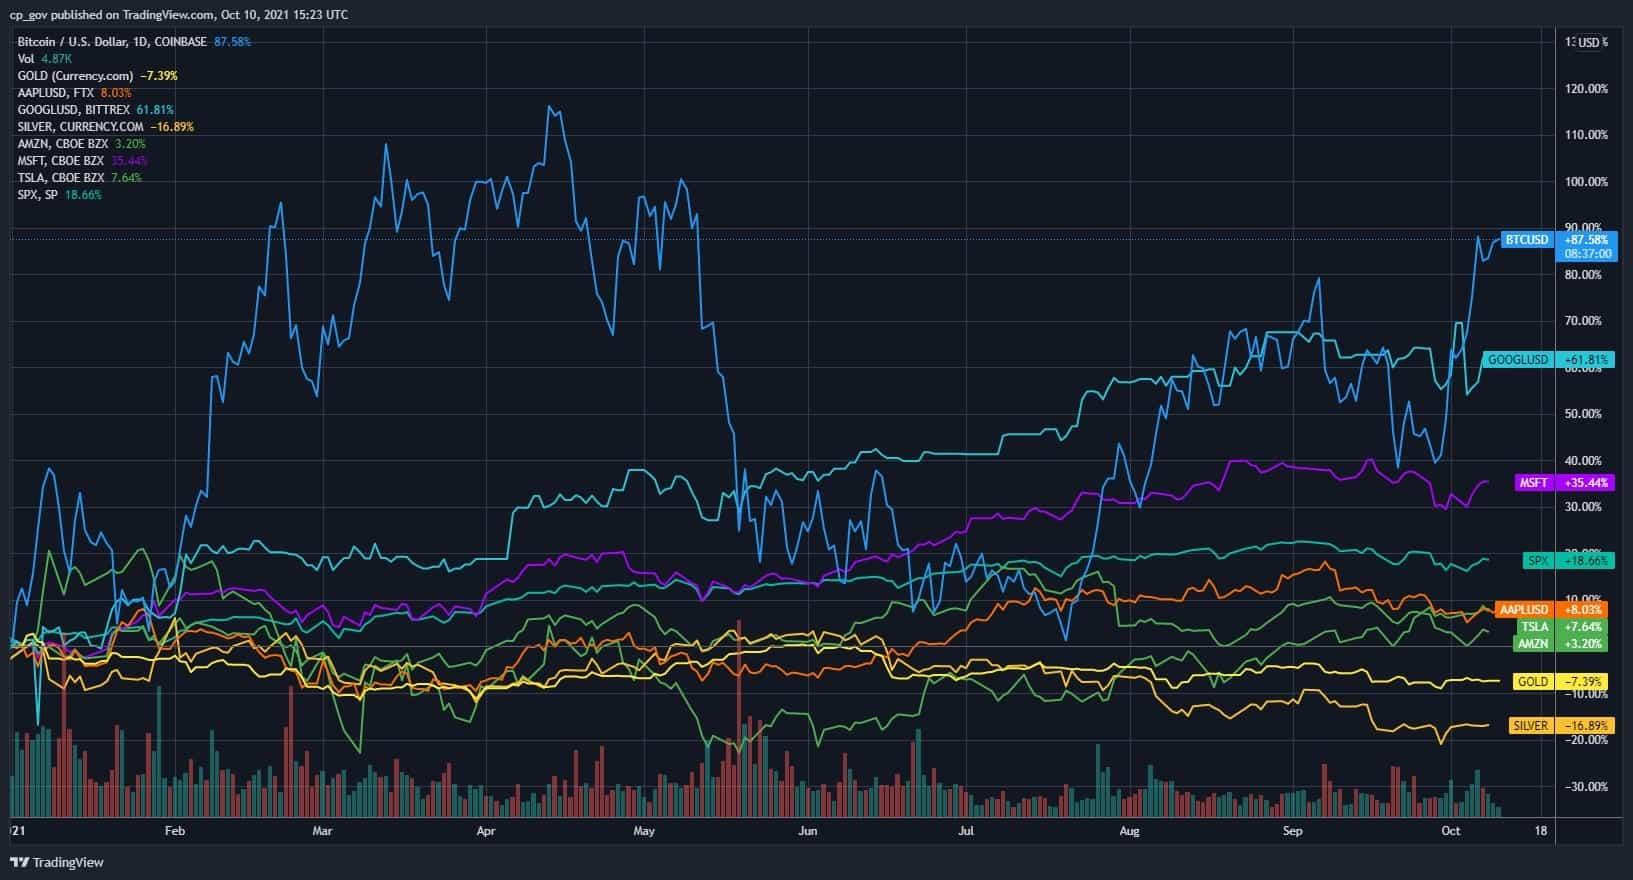 Bitcoin soán ngôi S&P 500, Apple, Google, Vàng